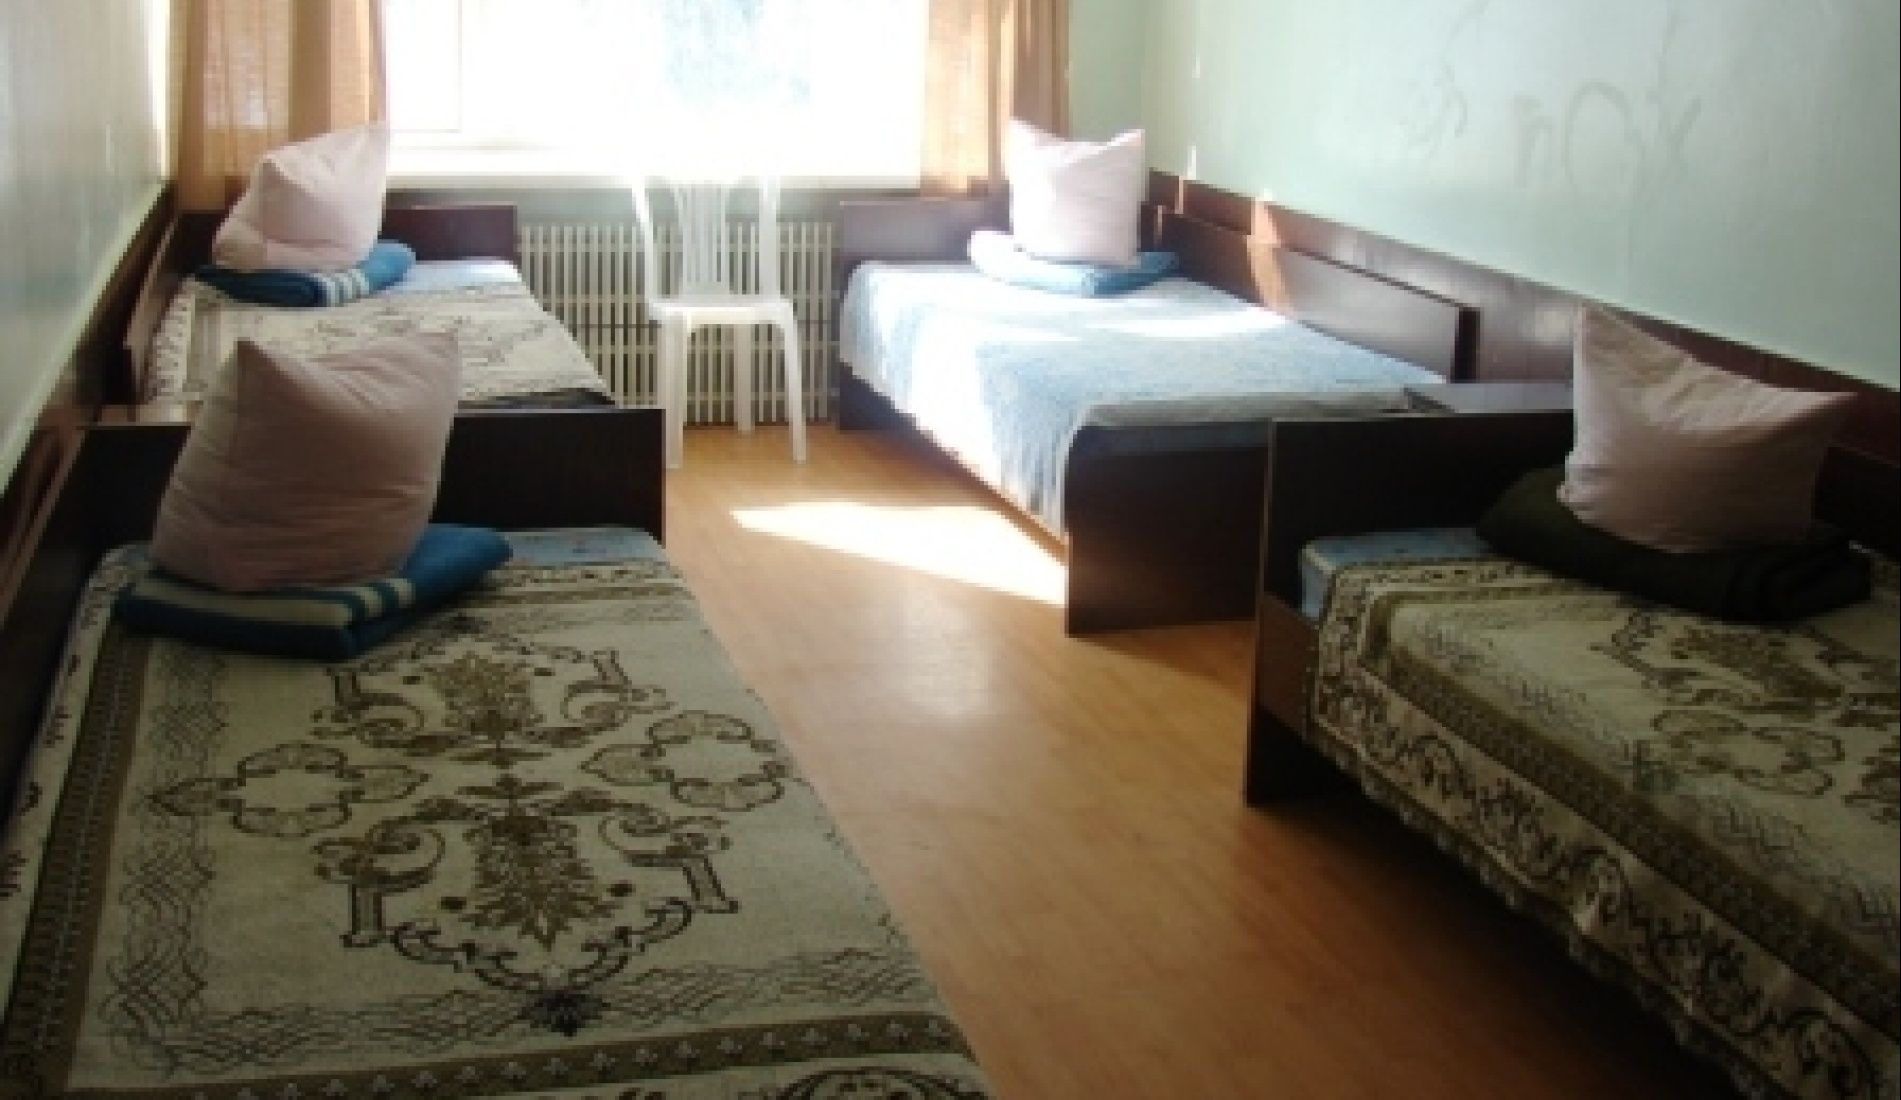 """База отдыха """"Галактика"""" Калужская область 4-местный номер с удобствами на этаже, фото 1"""